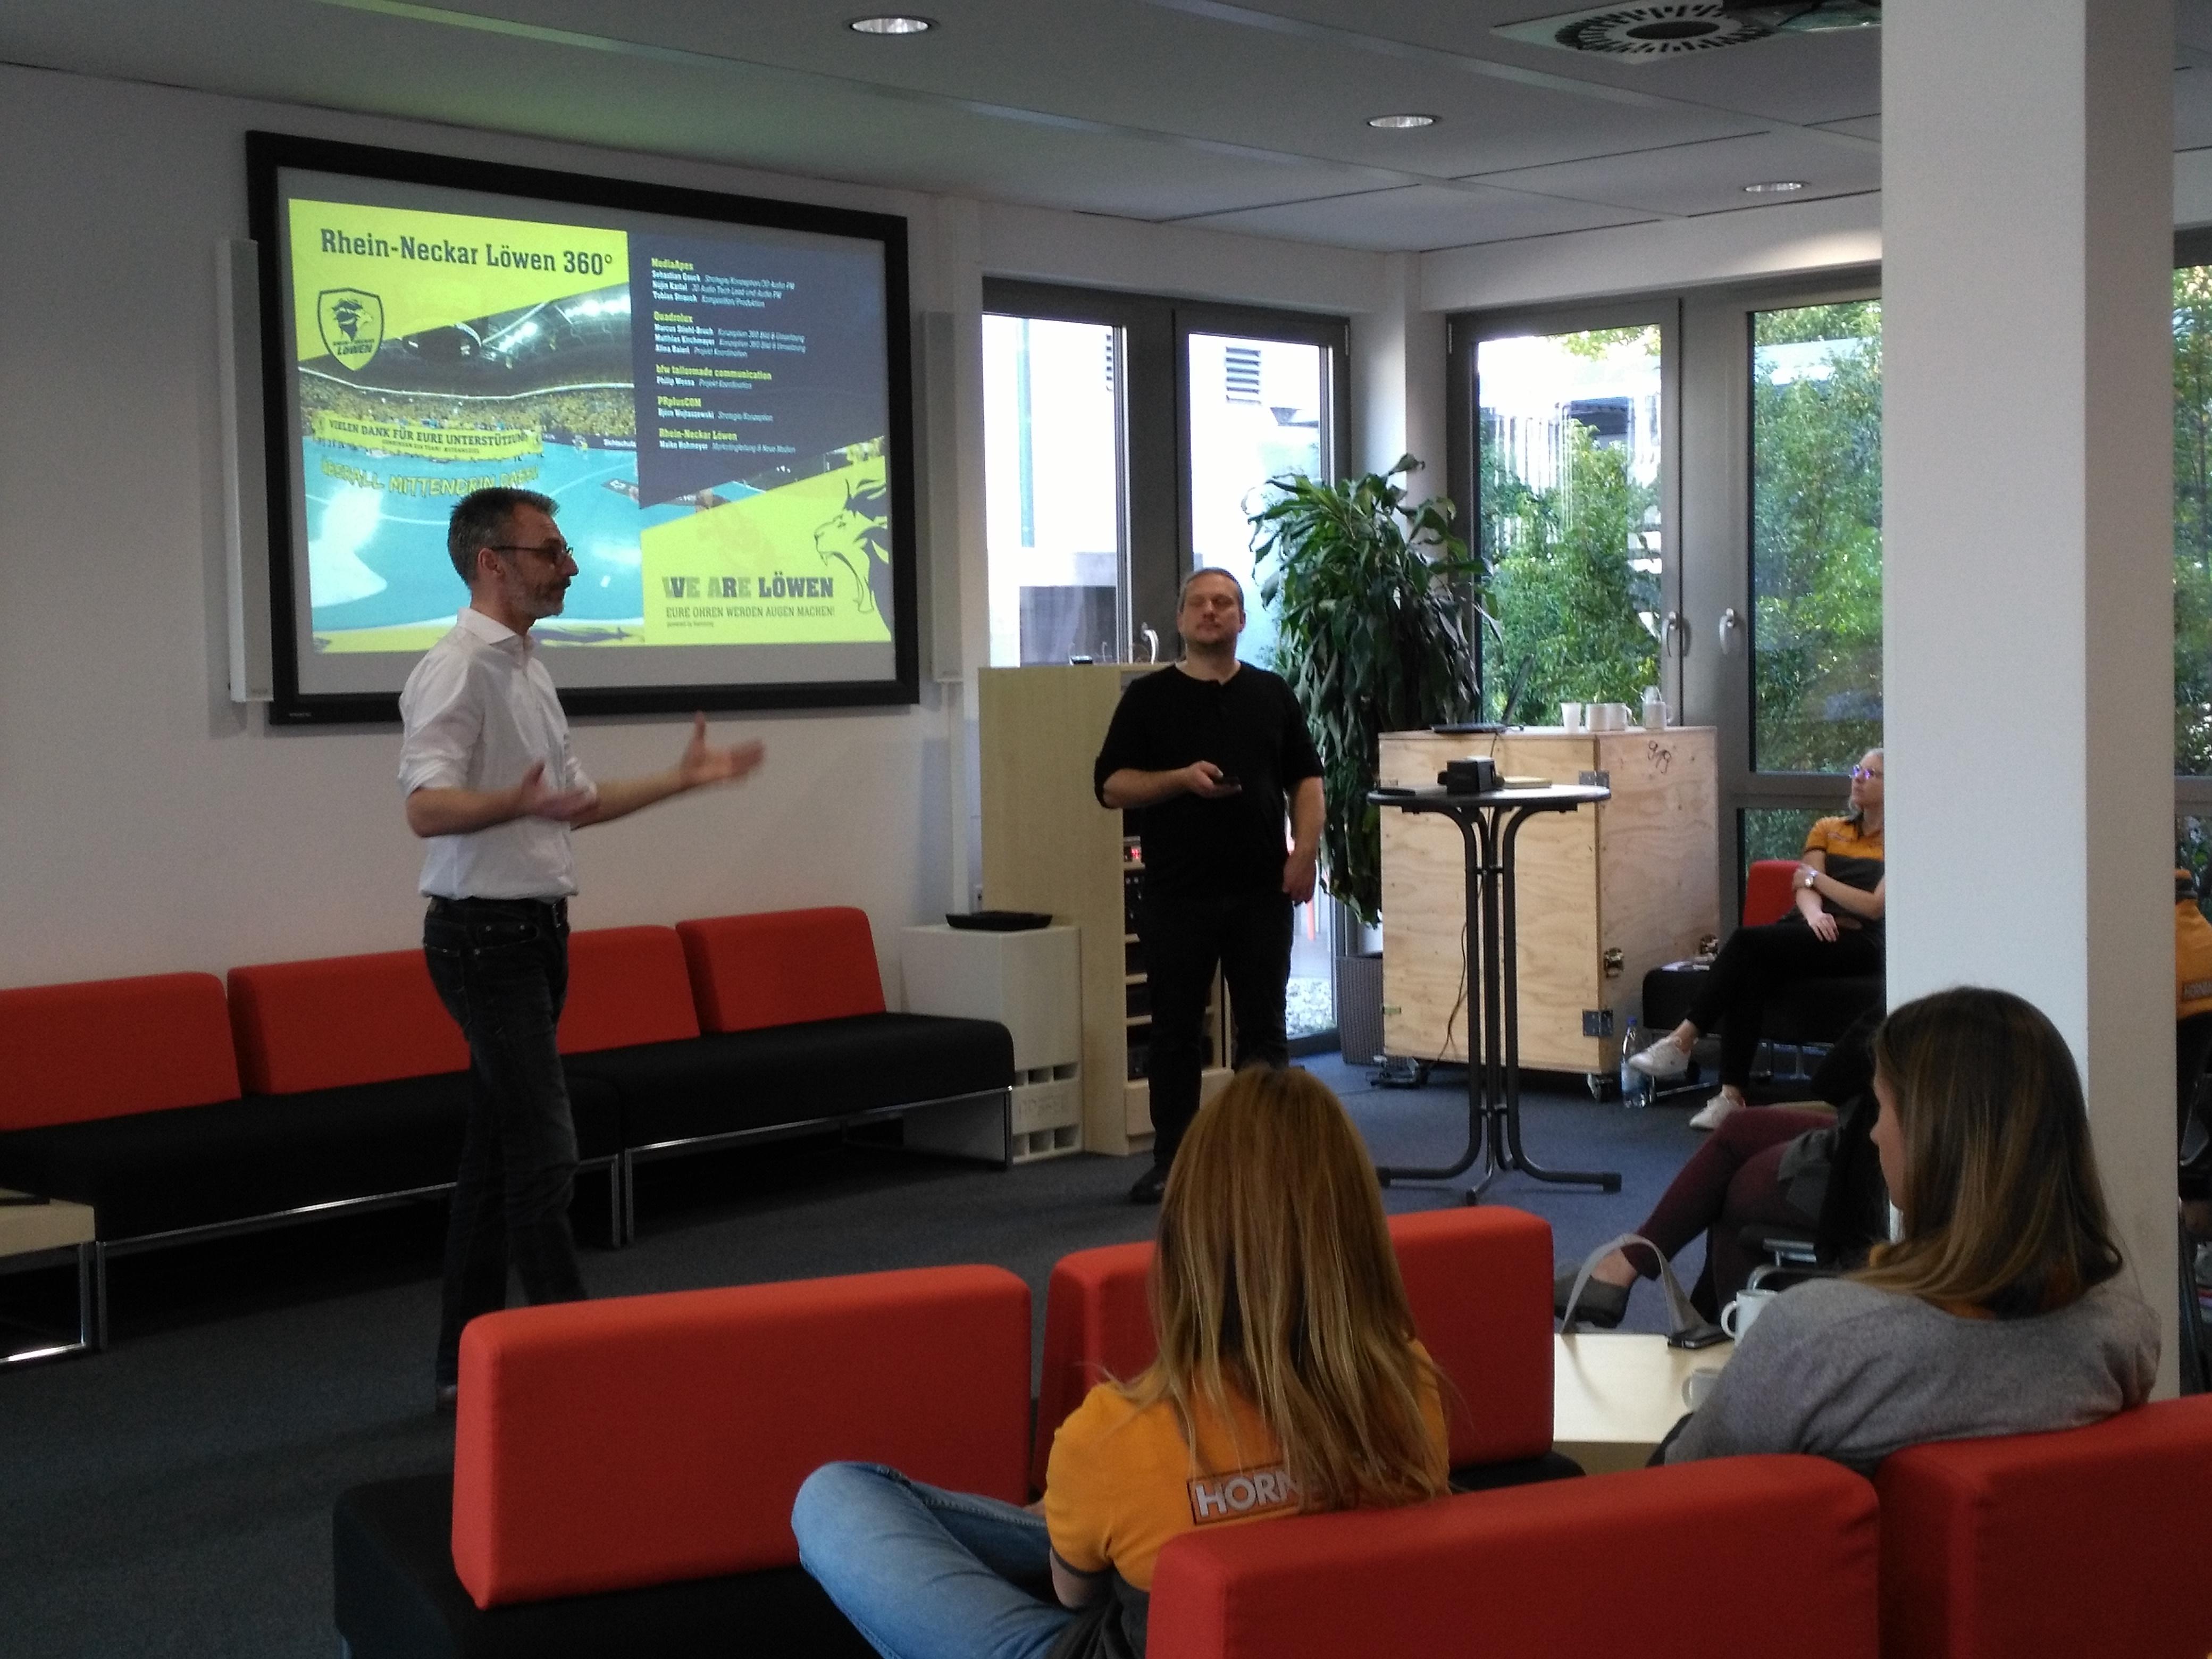 Vortrag bei Hornbach Björn W. und Sebastian G.